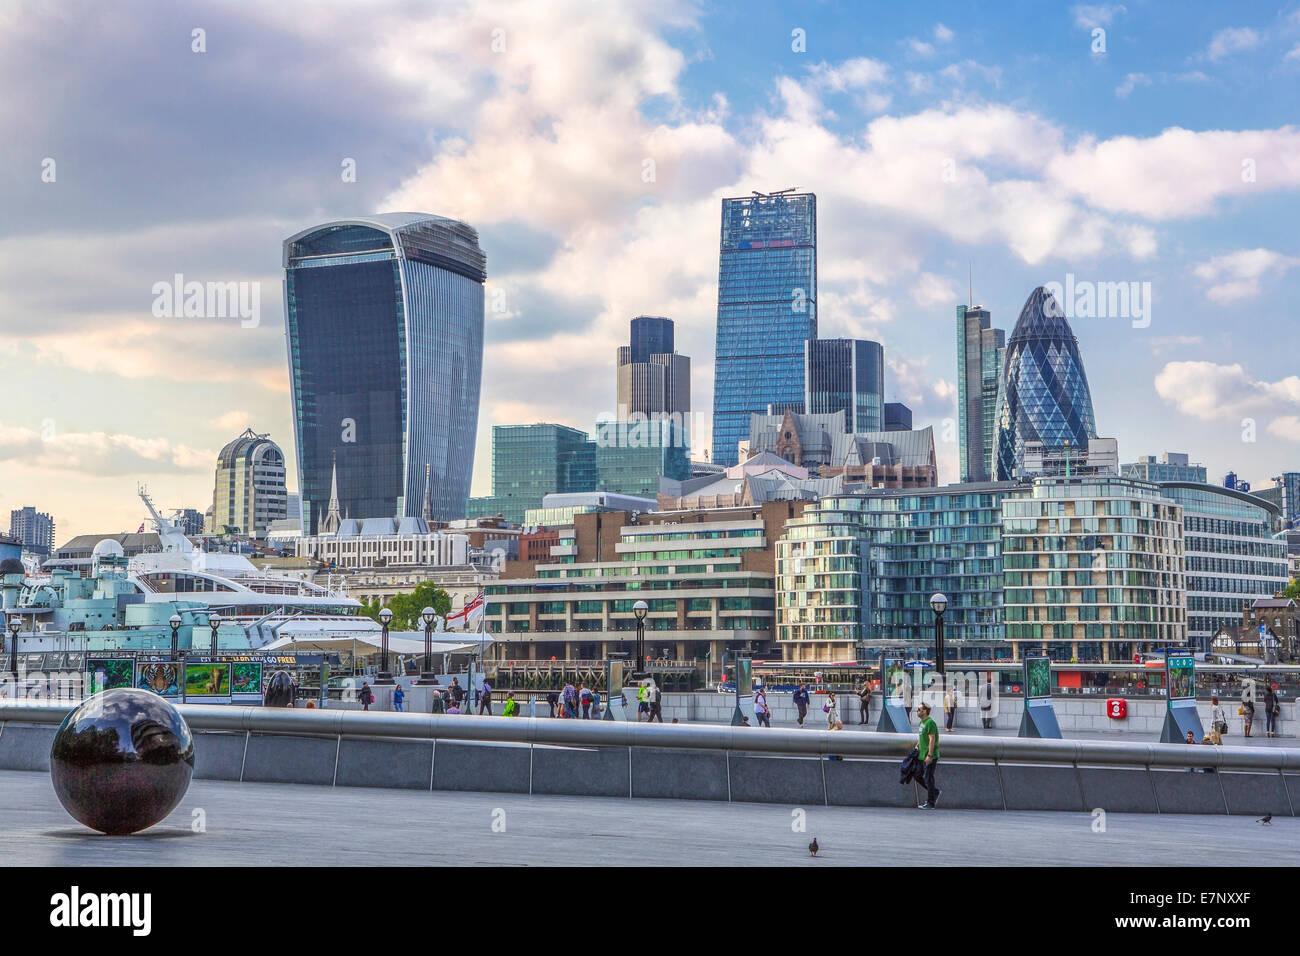 Città di Londra, Inghilterra, Regno Unito, architettura, sfera, famoso, skyline, Thames, fiume, turismo, viaggi Immagini Stock